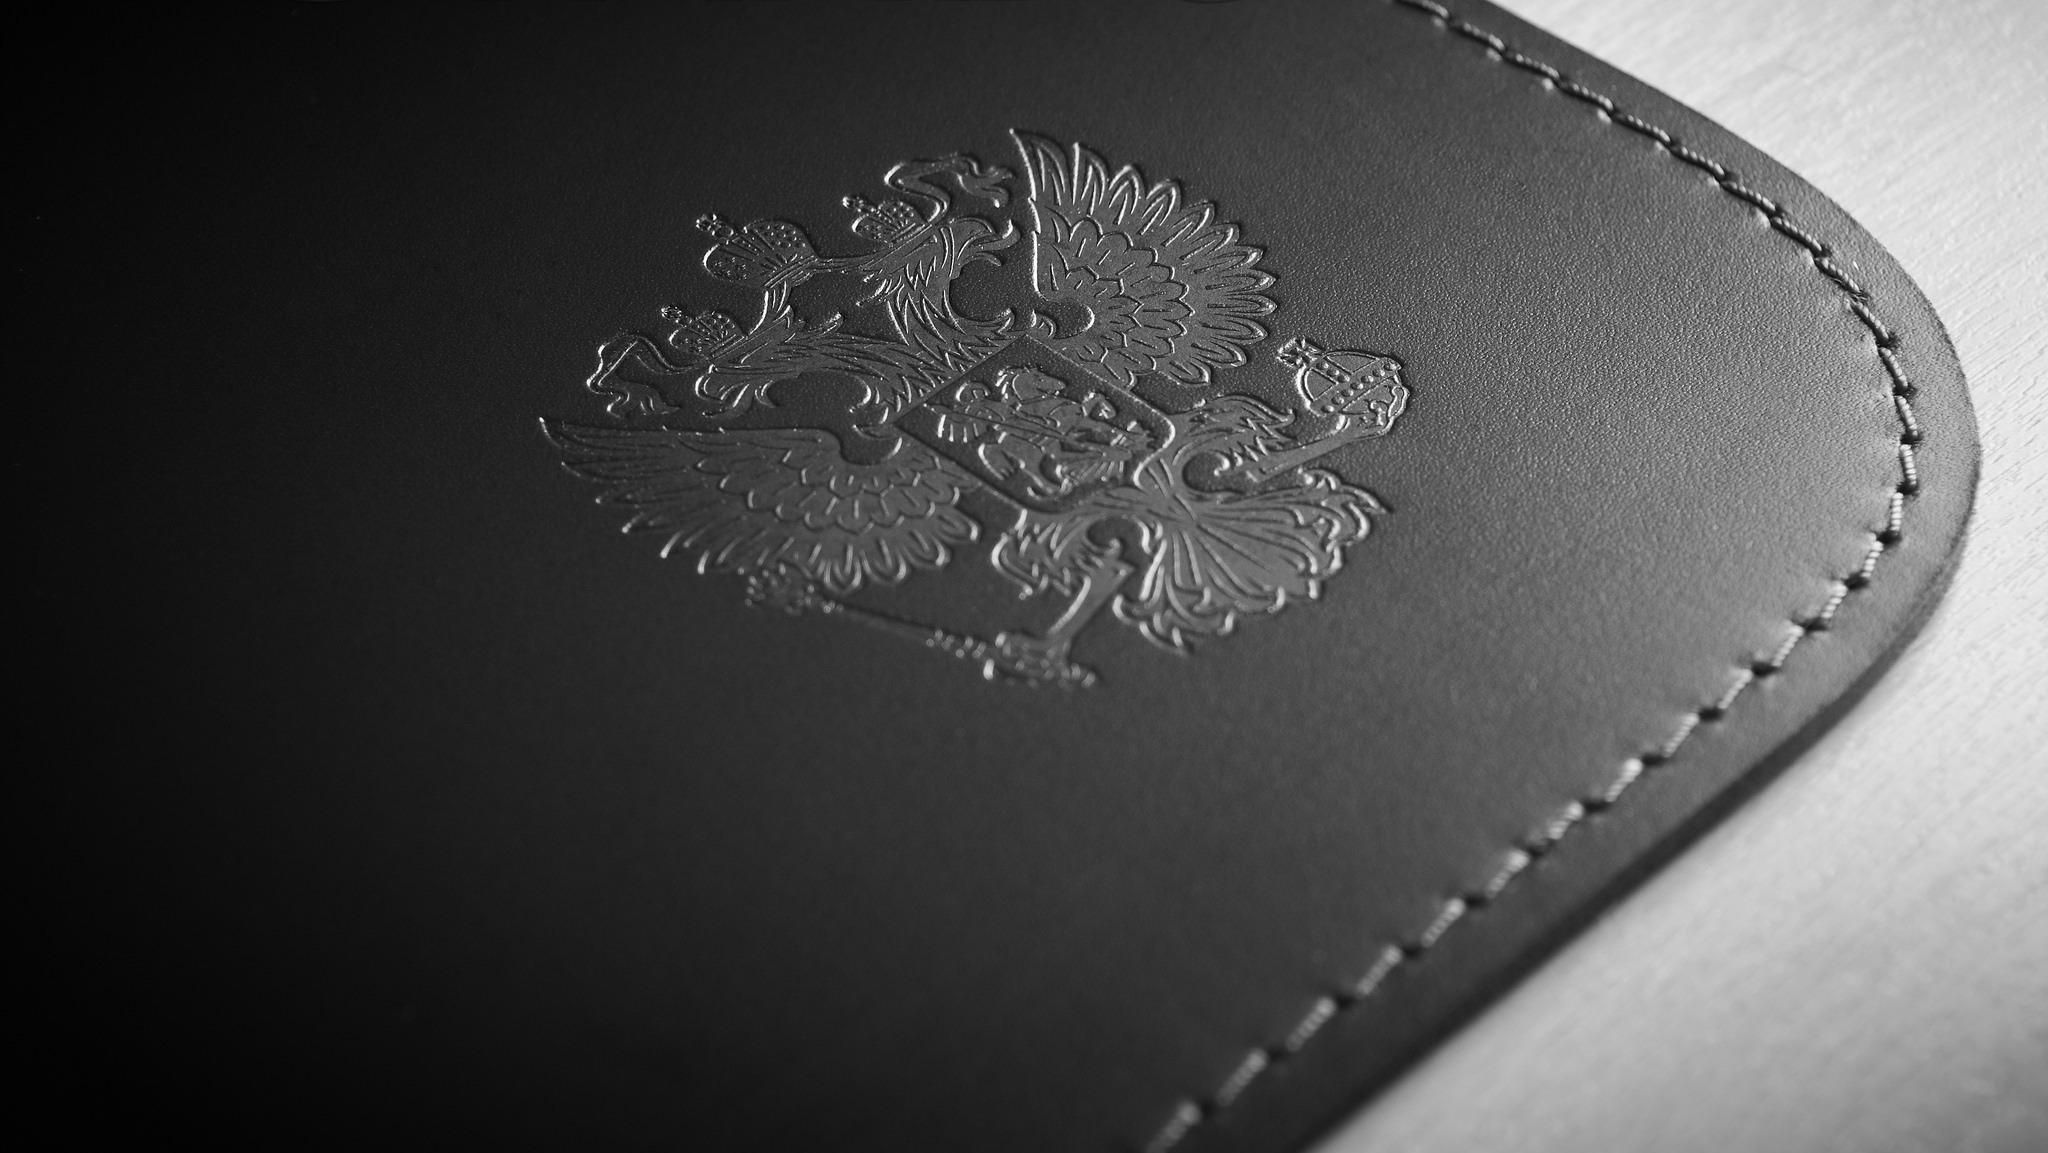 Тиснение Герб России на накладке для стола бювар. Приблизительный размер 70*80 мм.